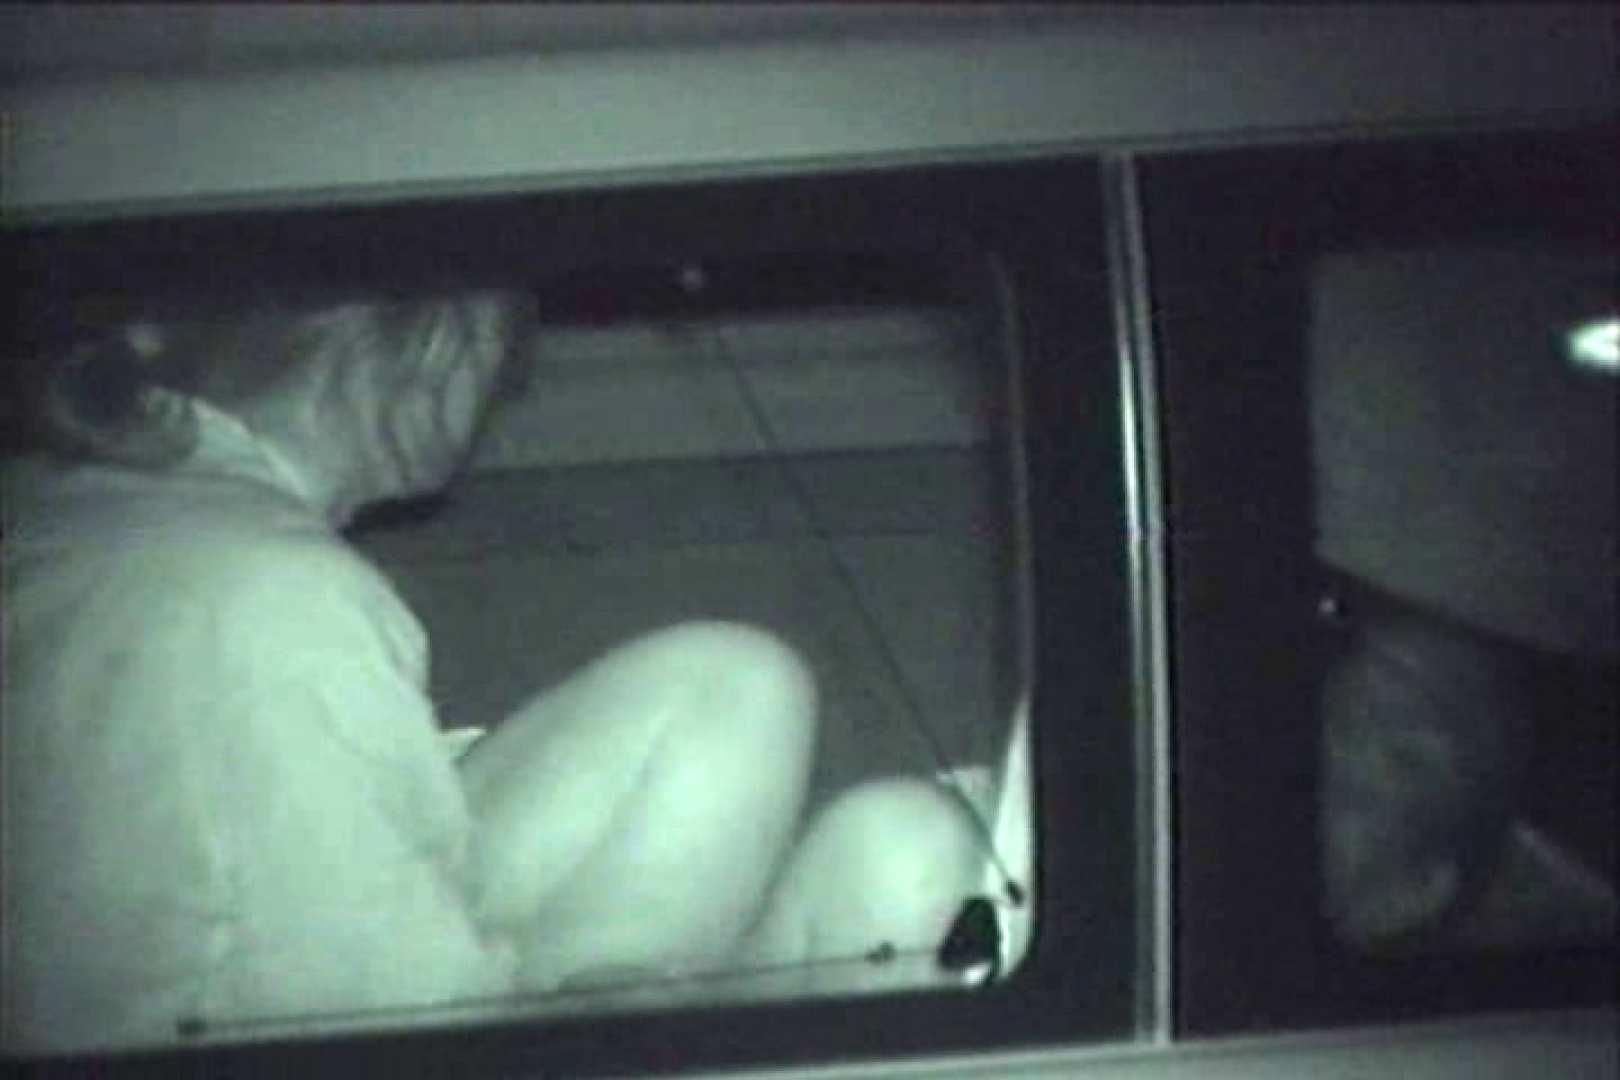 車の中はラブホテル 無修正版  Vol.17 ラブホテル アダルト動画キャプチャ 104連発 53